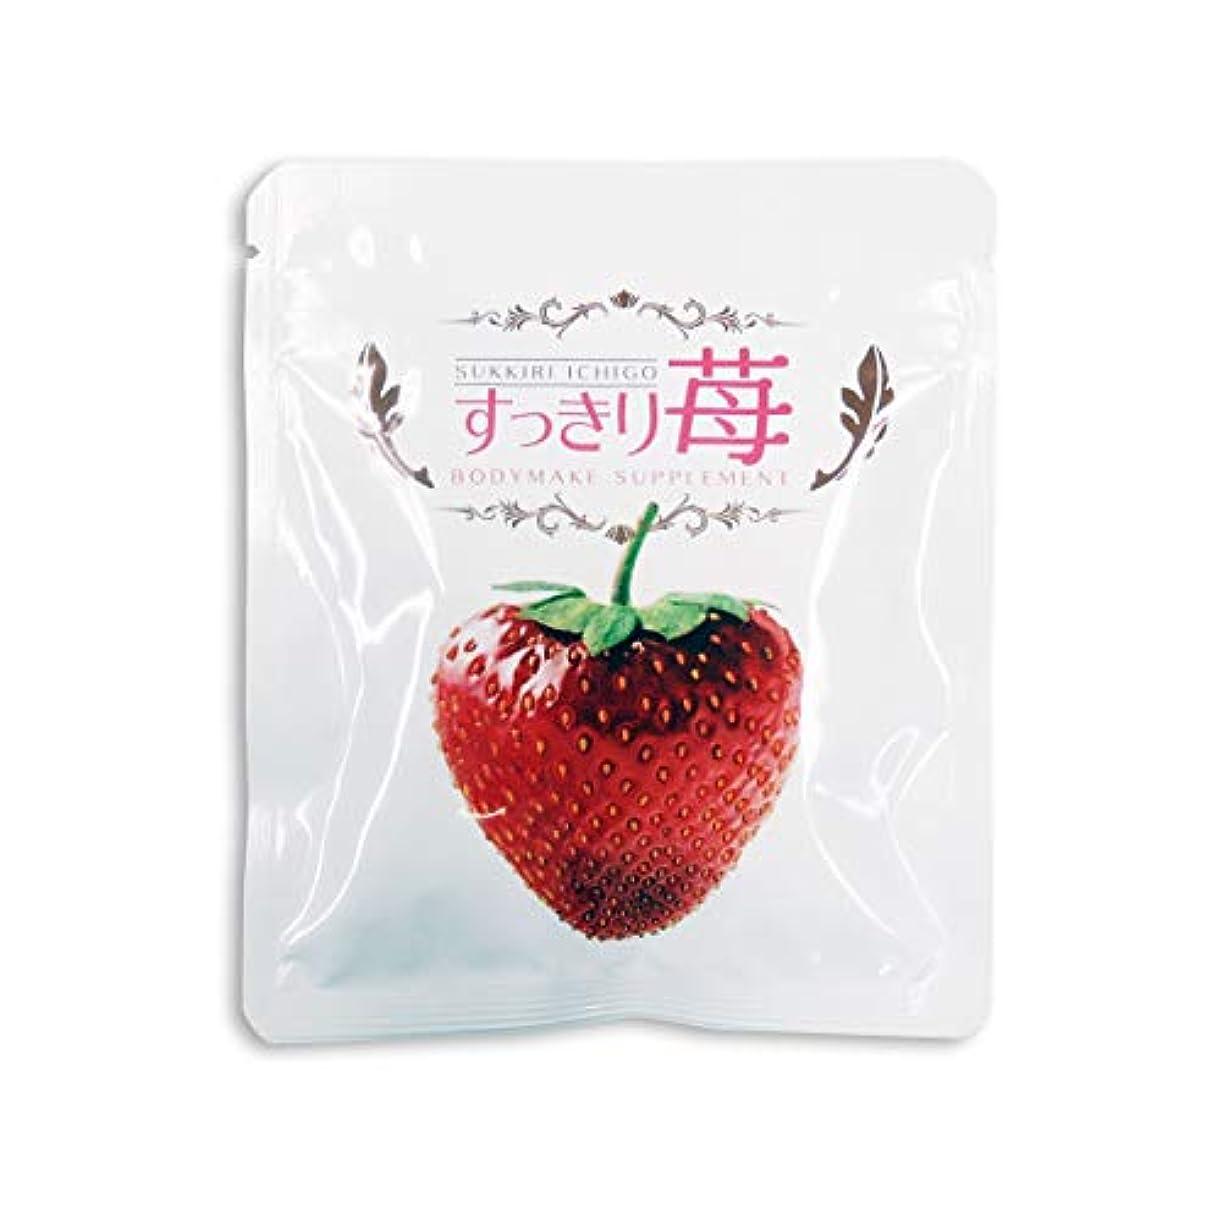 すっきり苺 ダイエタリーサプリメント